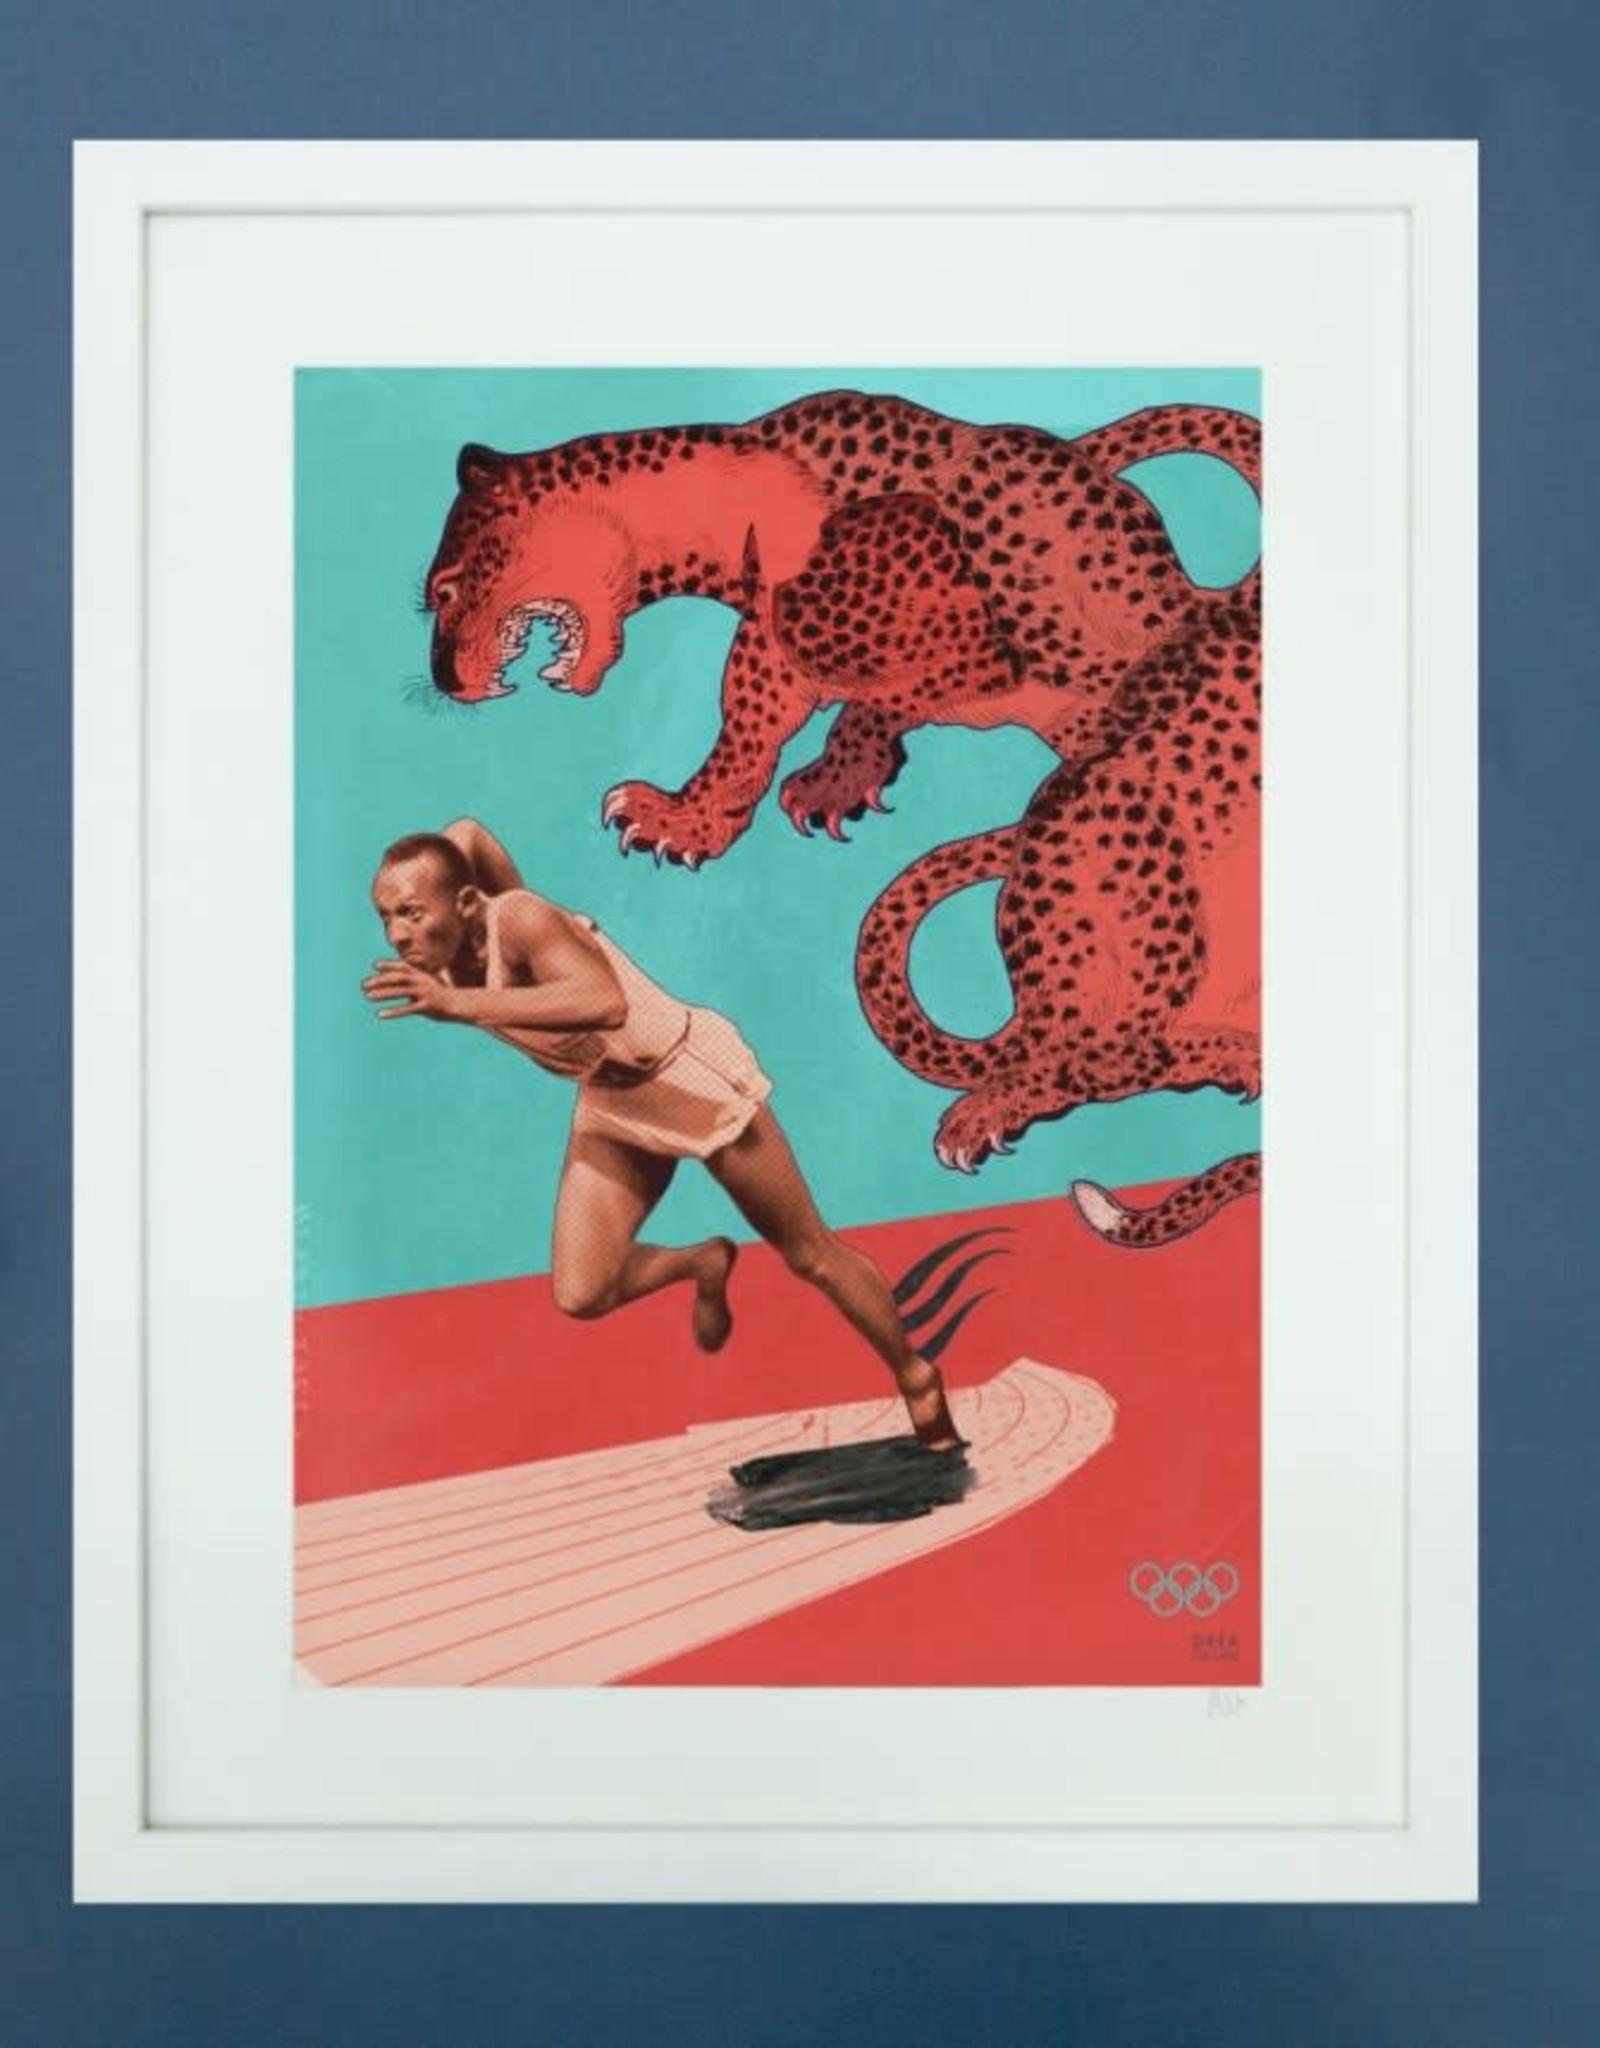 DRÉA Collage Affiche 8.5X11 Jesse Owens Dréa Collage